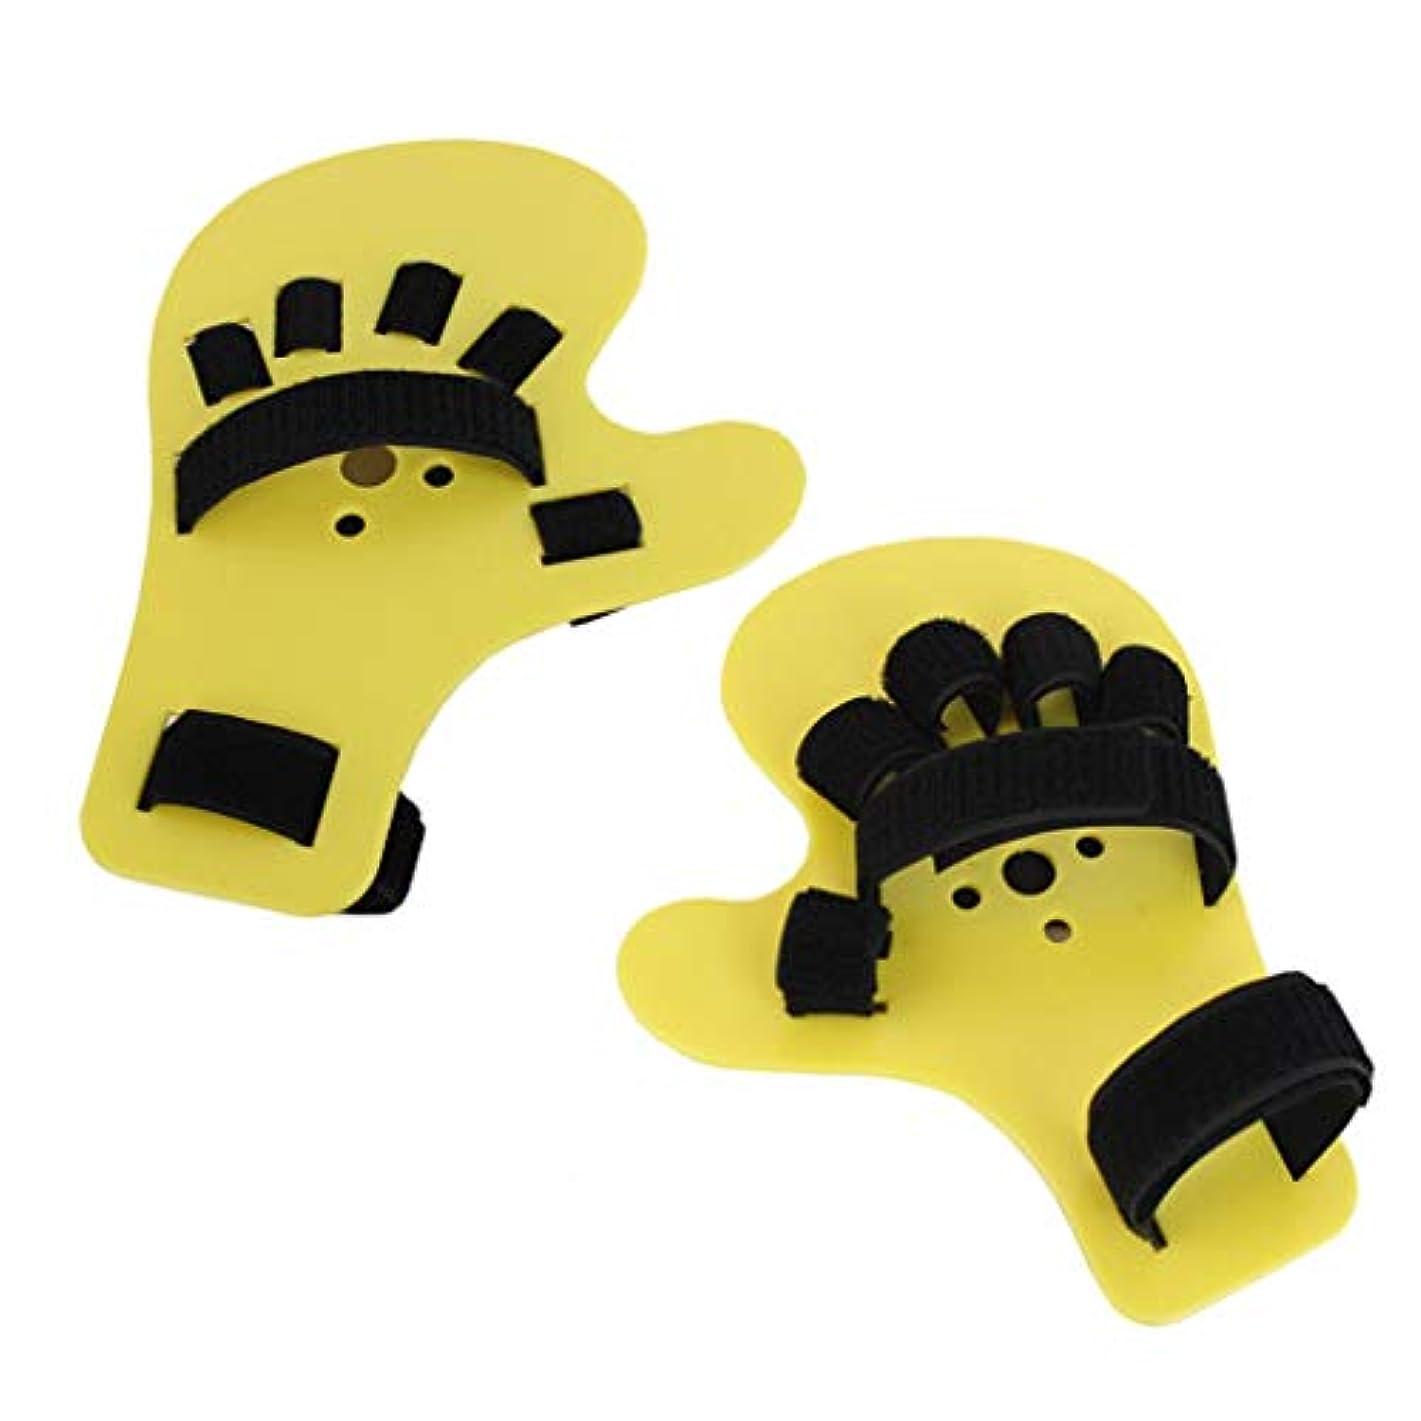 ラフゼリージャンプする手首装具 - 指リハビリテーション訓練器具、成人の指の固定のための指矯正プレートストローク片麻痺,2pcs